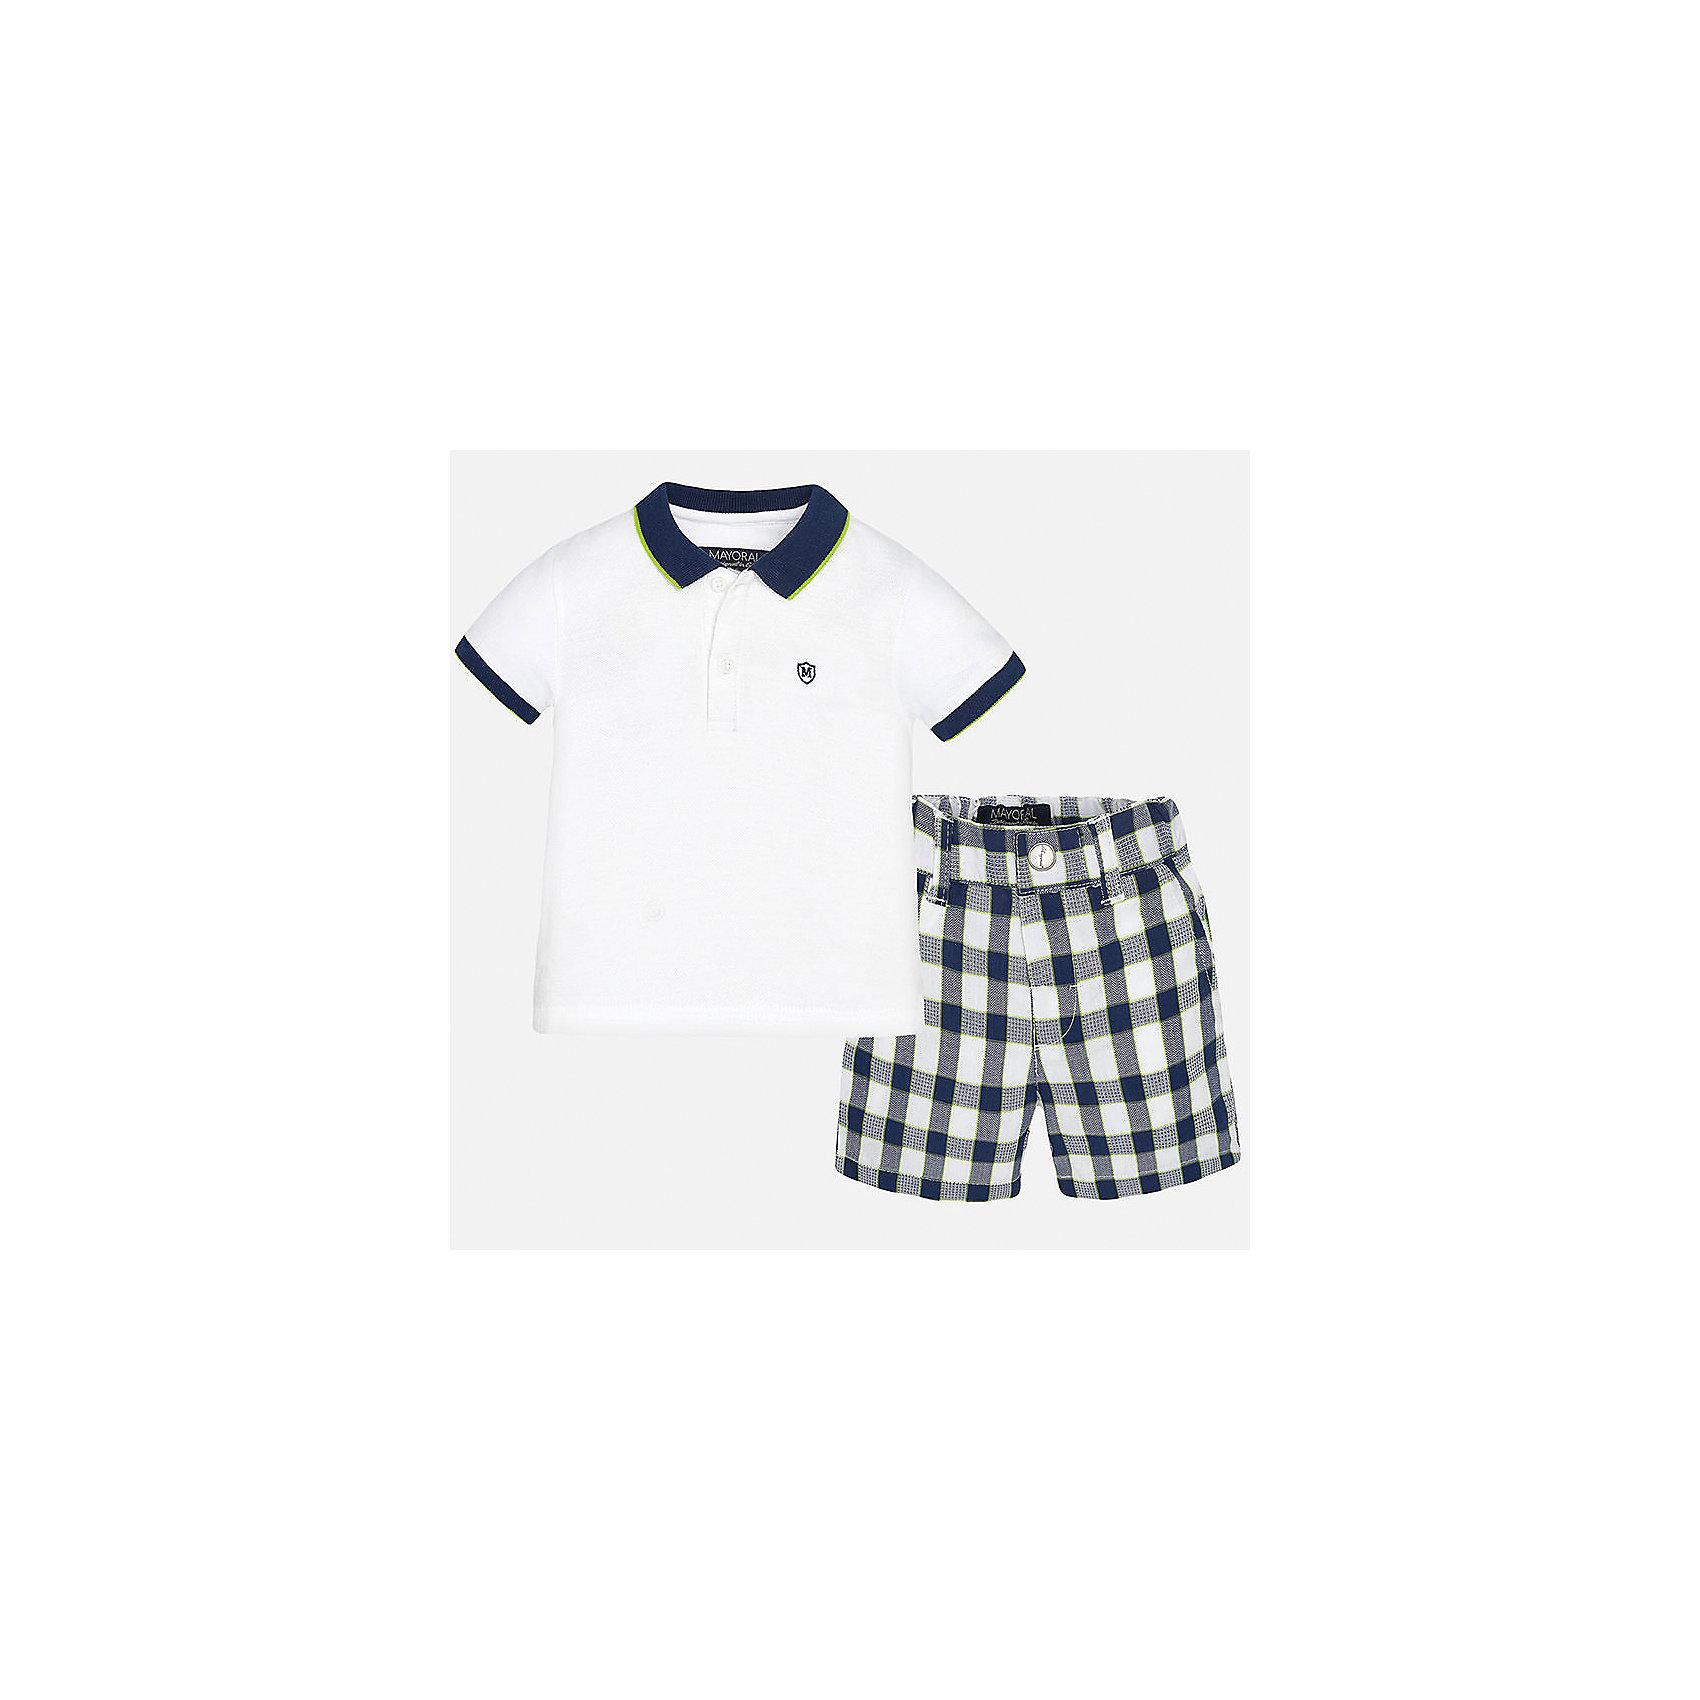 Комплект: футболка-поло и шорты для мальчика MayoralКомплекты<br>Характеристики товара:<br><br>• цвет: белый/синий<br>• состав: 100% хлопок<br>• комплектация: футболка, шорты<br>• футболка с контрастной отделкой<br>• отложной воротник, короткие рукава<br>• шорты в клетку<br>• шлевки<br>• пояс регулируется<br>• страна бренда: Испания<br><br>Красивый качественный комплект для мальчика поможет разнообразить гардероб ребенка и удобно одеться в теплую погоду. Он отлично сочетается с другими предметами. Универсальный цвет позволяет подобрать к вещам верхнюю одежду практически любой расцветки. Интересная отделка модели делает её нарядной и оригинальной. В составе материала - только натуральный хлопок, гипоаллергенный, приятный на ощупь, дышащий.<br><br>Одежда, обувь и аксессуары от испанского бренда Mayoral полюбились детям и взрослым по всему миру. Модели этой марки - стильные и удобные. Для их производства используются только безопасные, качественные материалы и фурнитура. Порадуйте ребенка модными и красивыми вещами от Mayoral! <br><br>Комплект для мальчика от испанского бренда Mayoral (Майорал) можно купить в нашем интернет-магазине.<br><br>Ширина мм: 191<br>Глубина мм: 10<br>Высота мм: 175<br>Вес г: 273<br>Цвет: синий<br>Возраст от месяцев: 18<br>Возраст до месяцев: 24<br>Пол: Мужской<br>Возраст: Детский<br>Размер: 92,86,80<br>SKU: 5279541